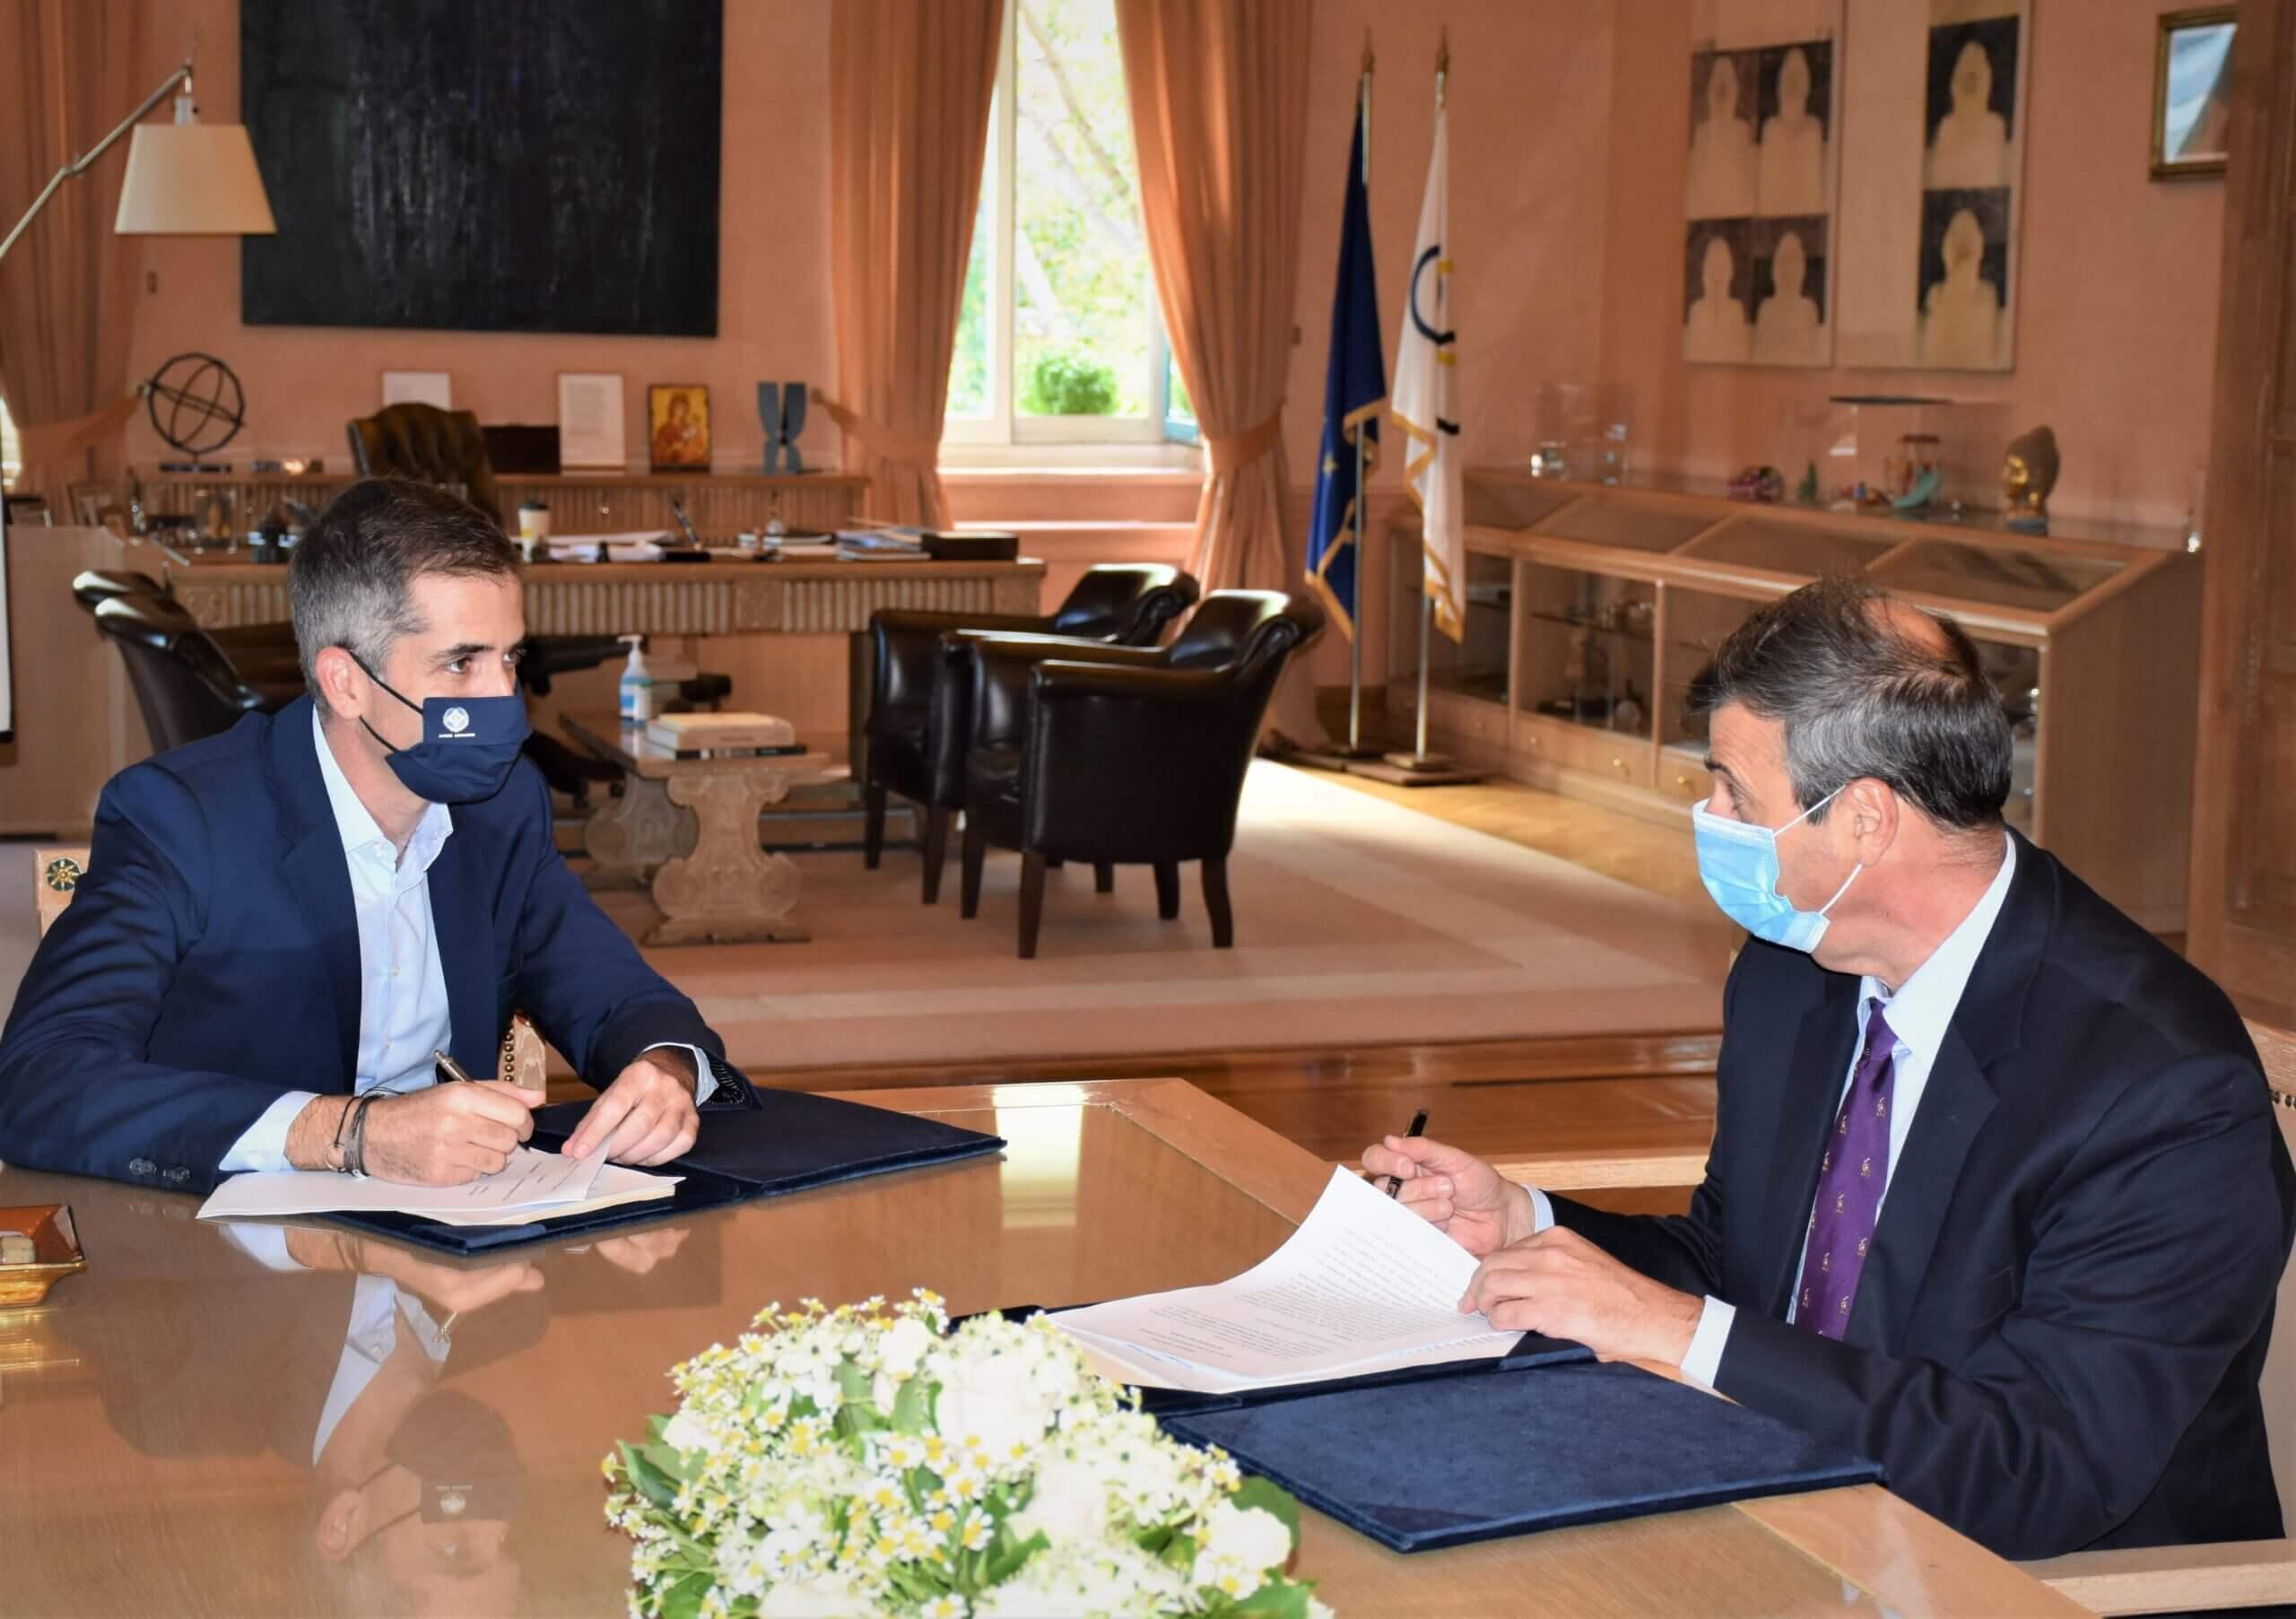 Δήμος Αθηναίων και Ελληνική Πνευμονολογική Εταιρεία ενώνουν δυνάμεις κατά της πανδημίας